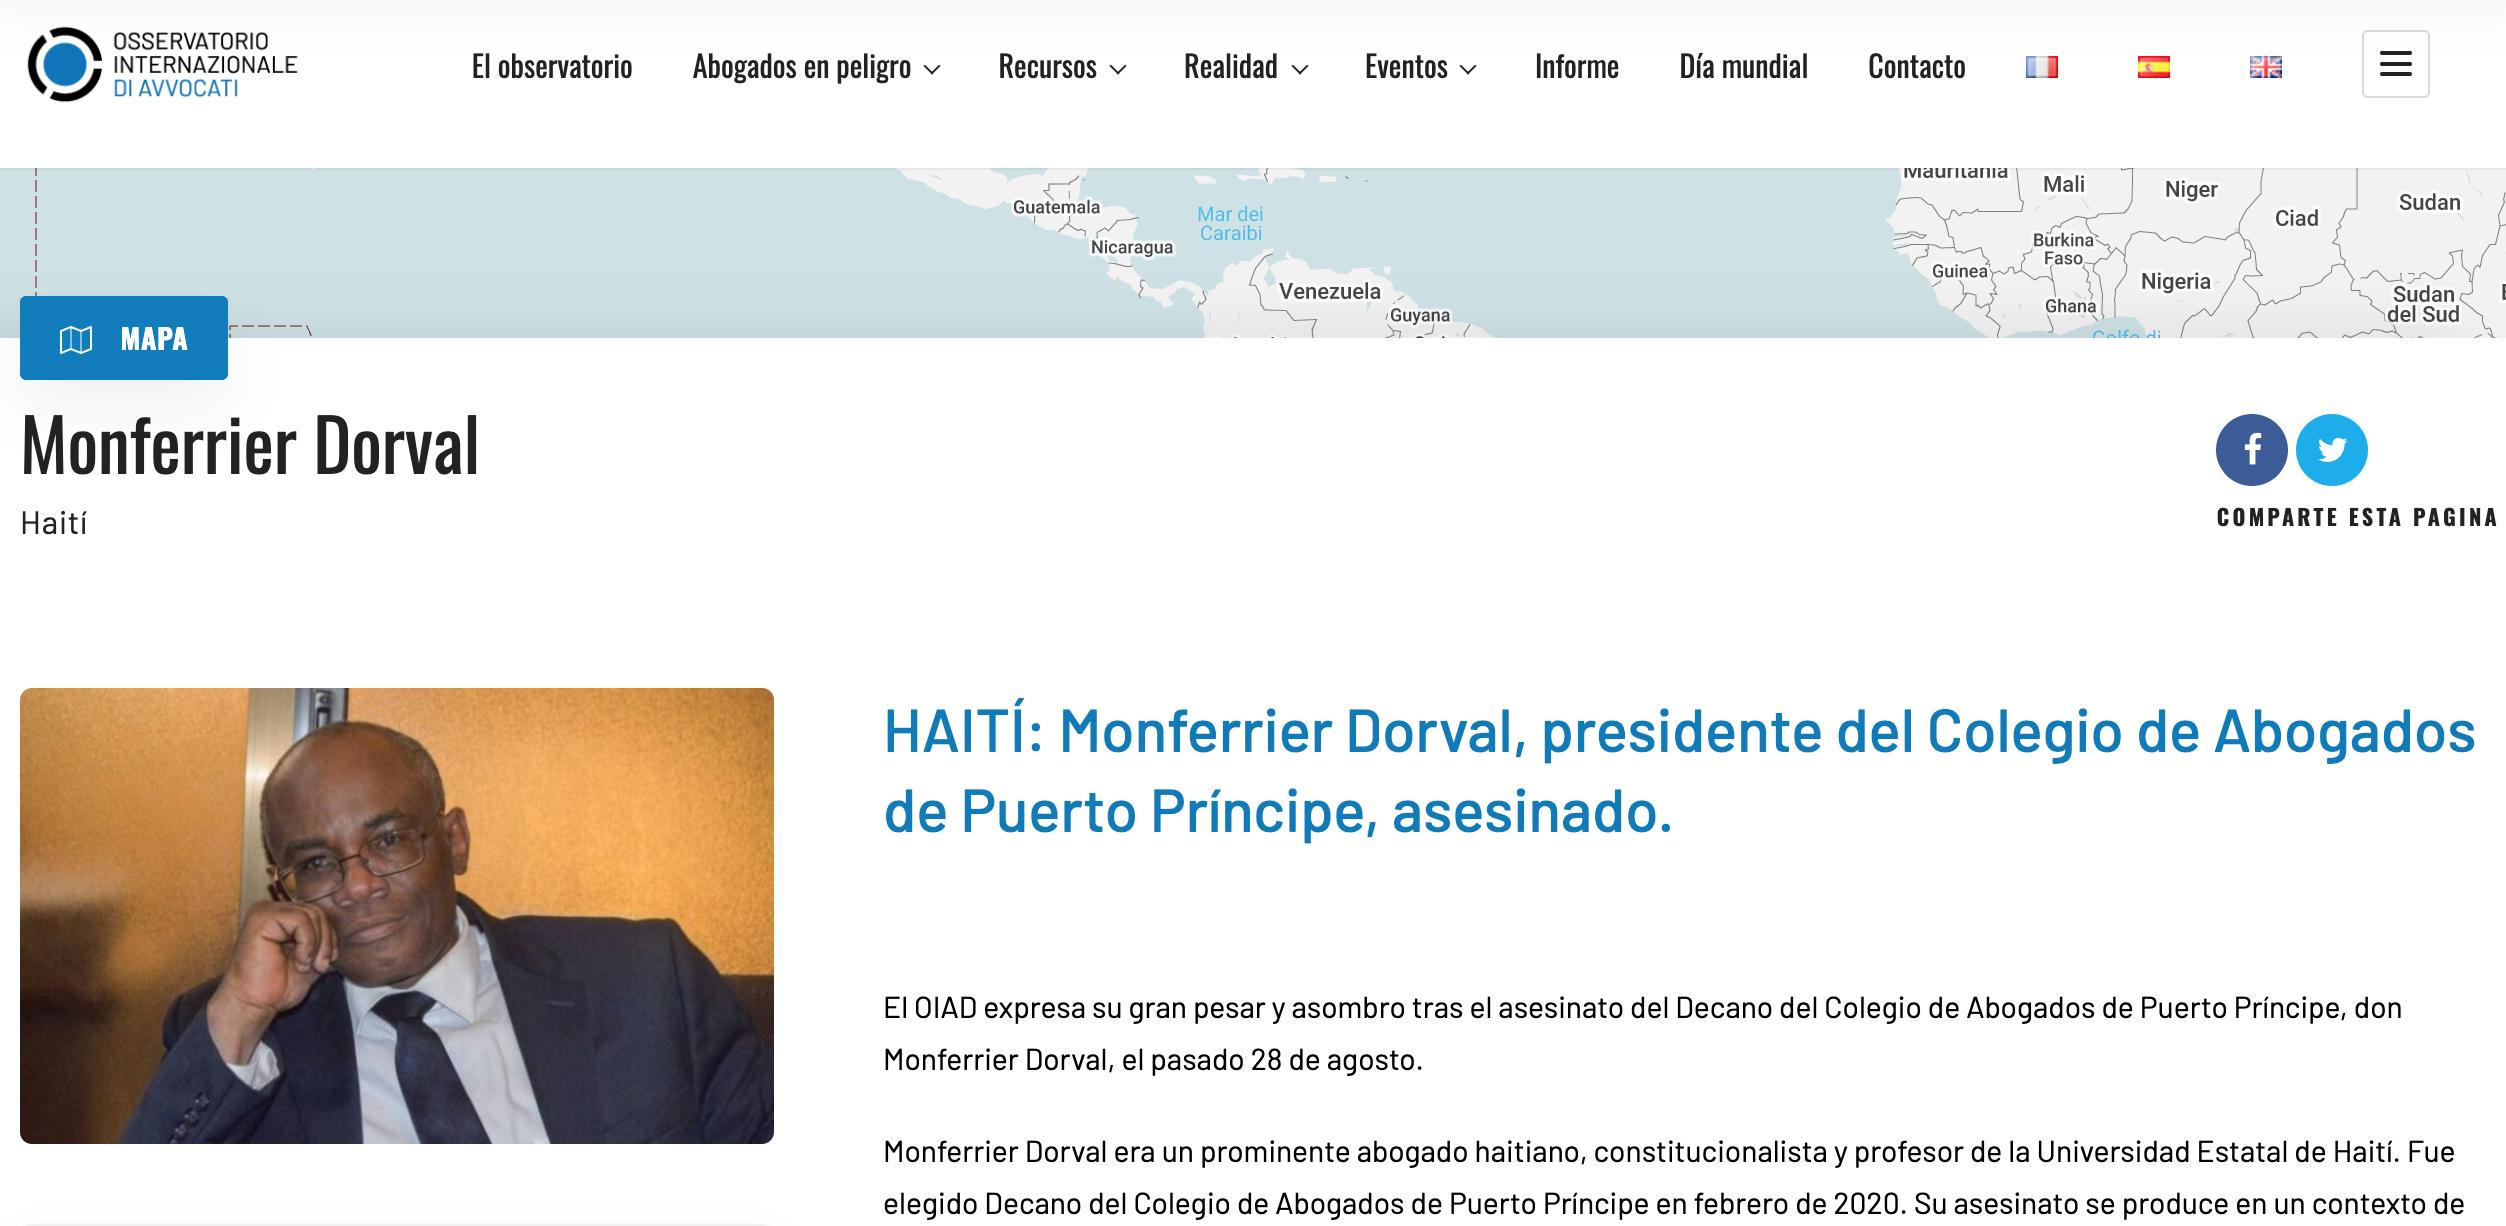 Monferrier_Dorval